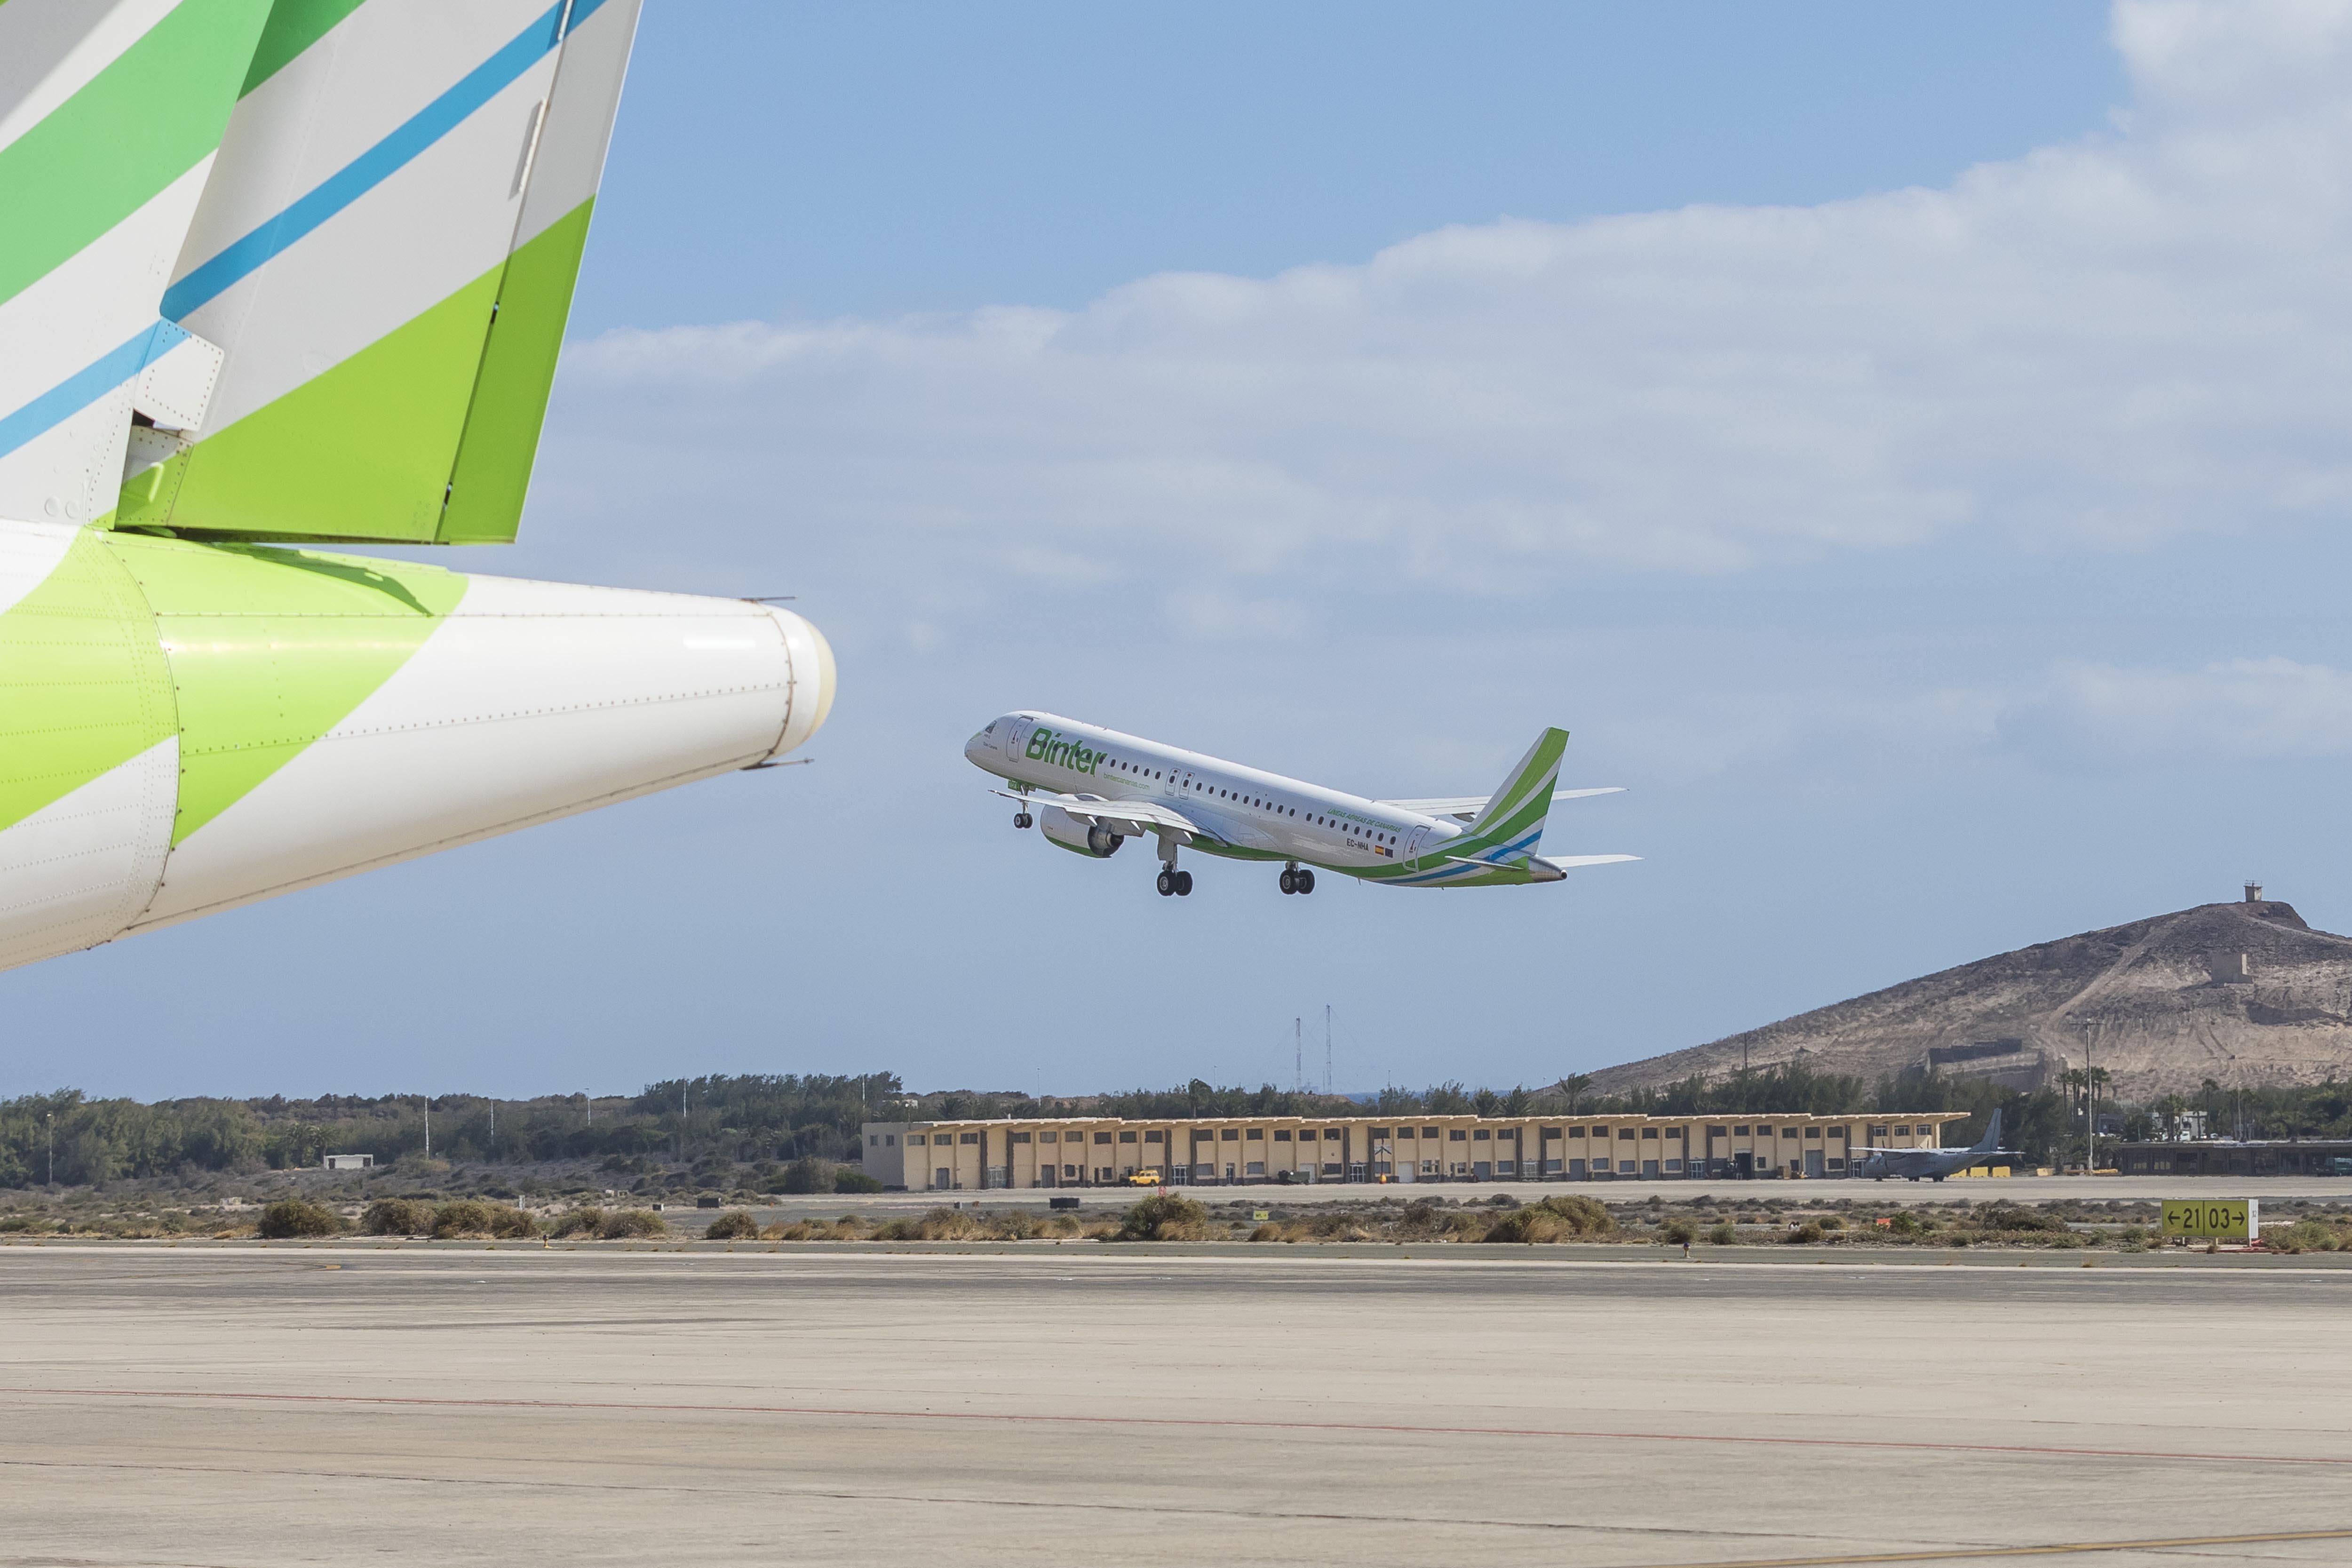 Binter retoma sus vuelos entre Canarias, la Península y Baleares